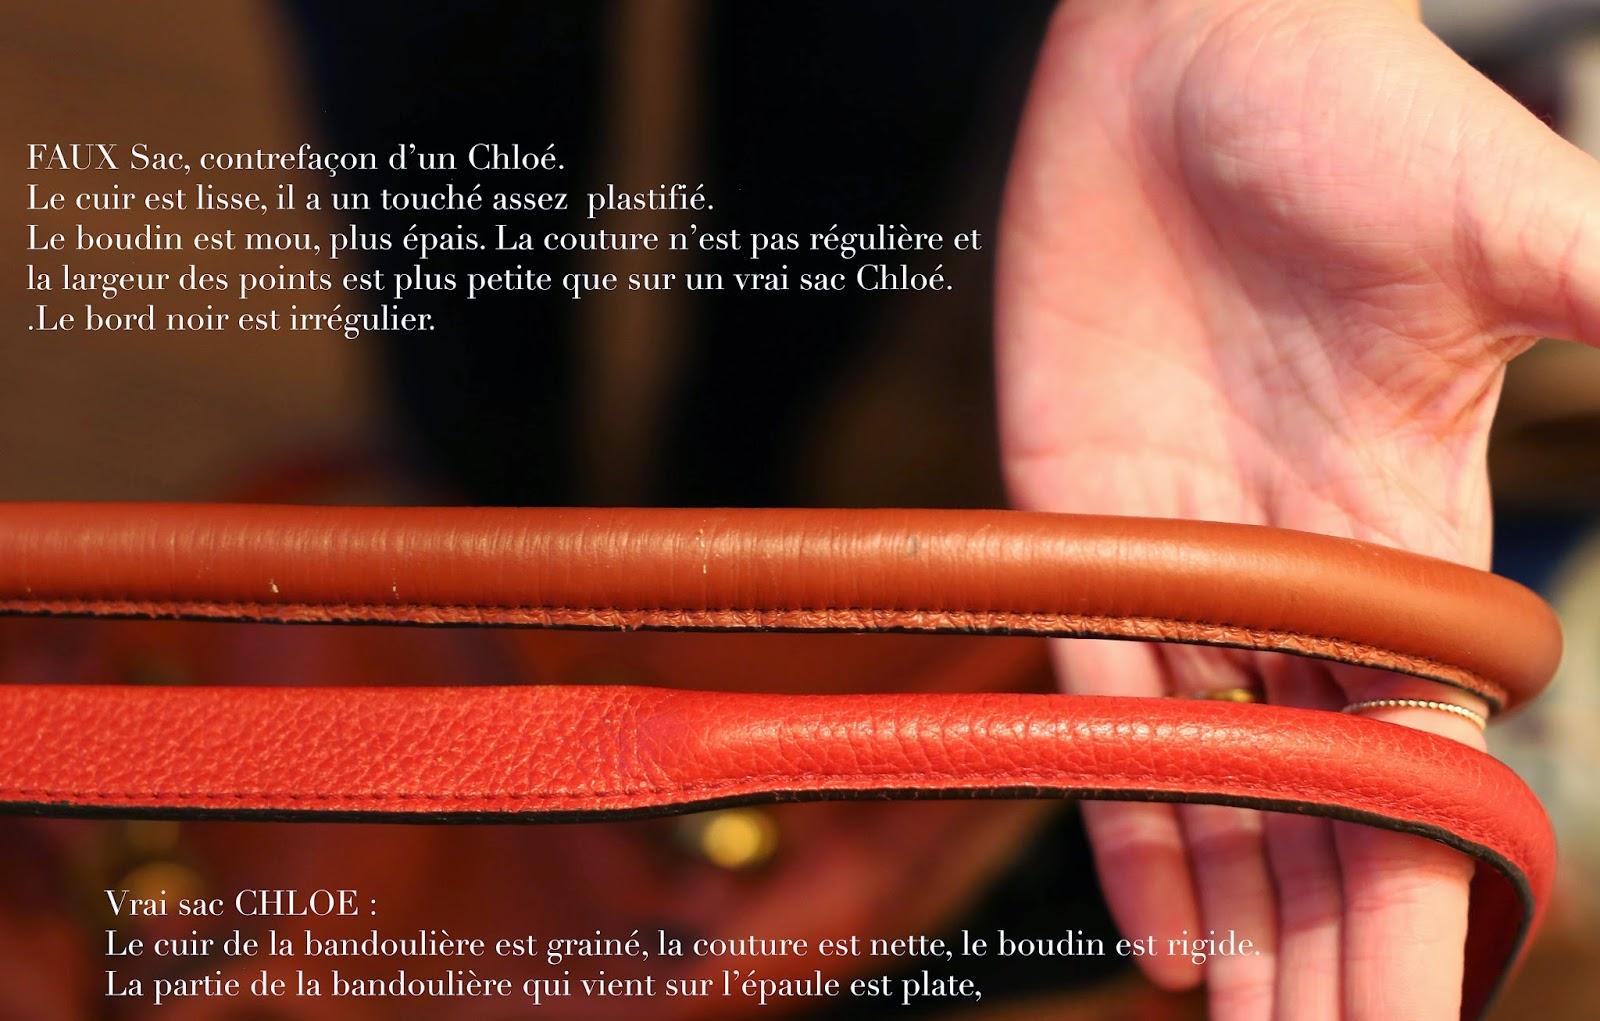 723af73c64 Ci dessous : en haut la bandoulière marron du faux sac, en bas la rouge est  celle du vrai sac Chloe Paraty :